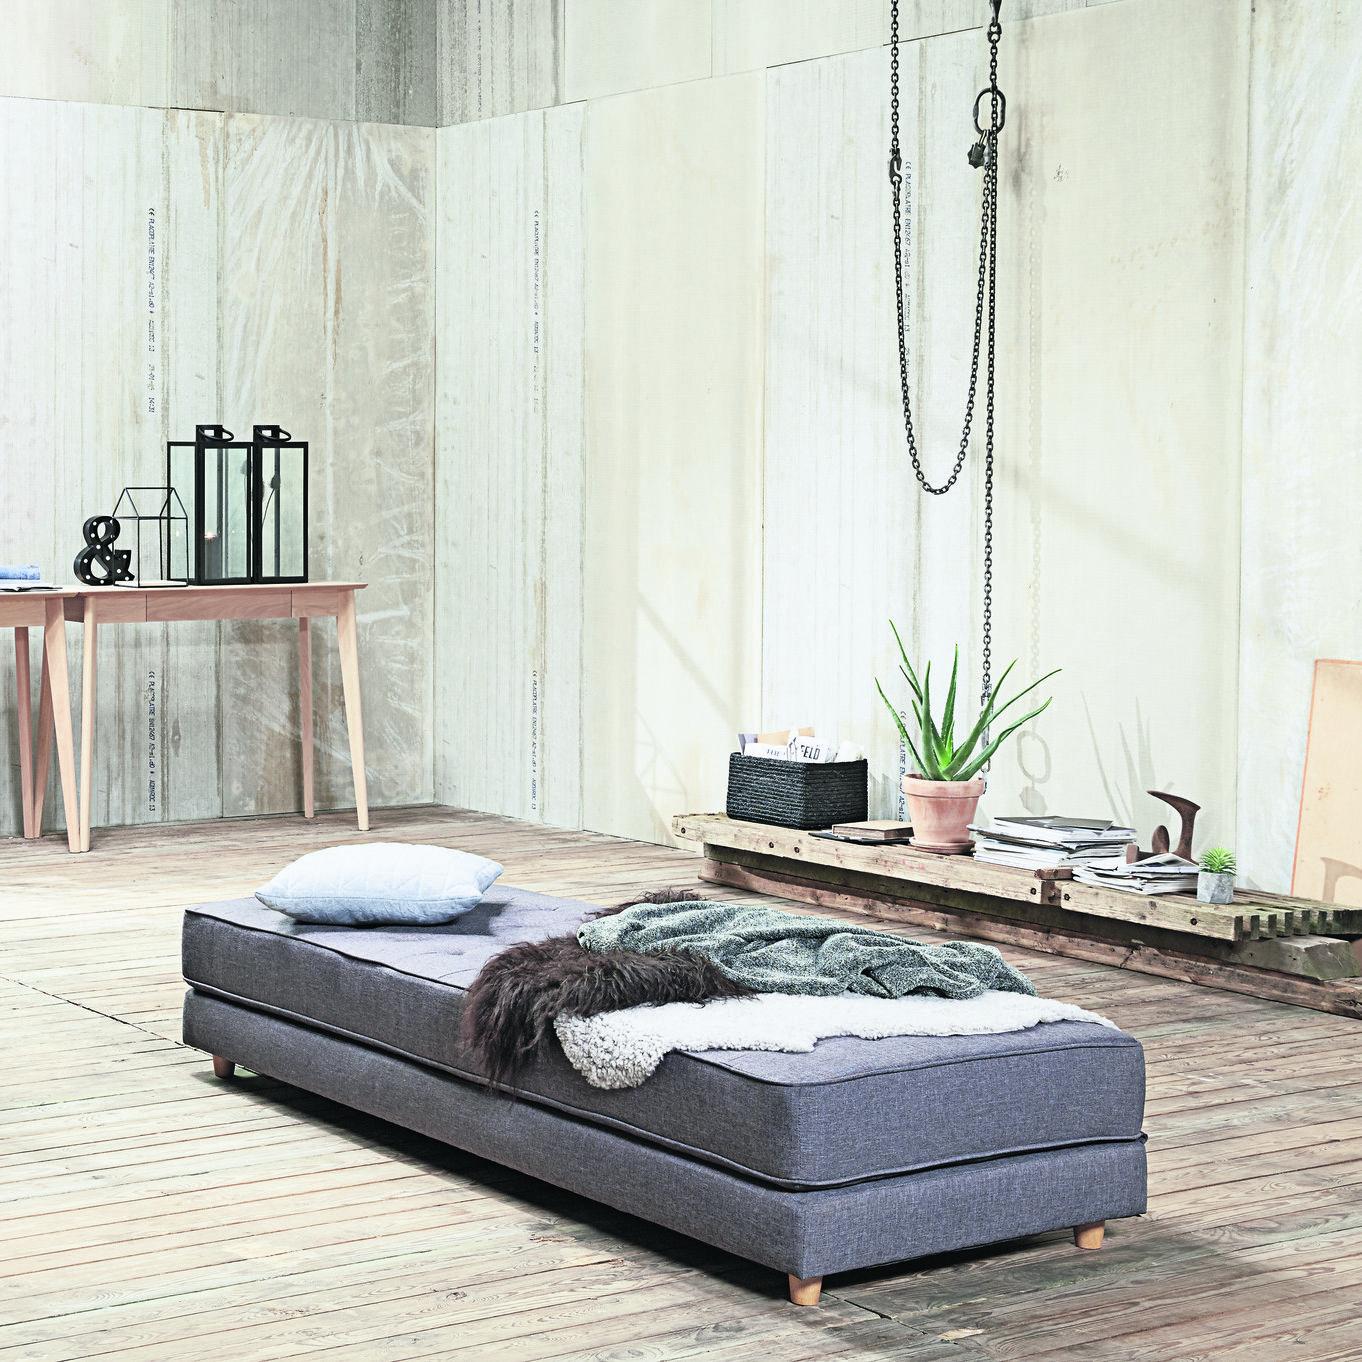 Patul de zi VARBJERG, Ideal pentru garsoniere, camere de adolescenți sau camere de oaspeți, poate îndeplini trei roluri, în funcție de necesități: pat single, pat dublu sau canapea.